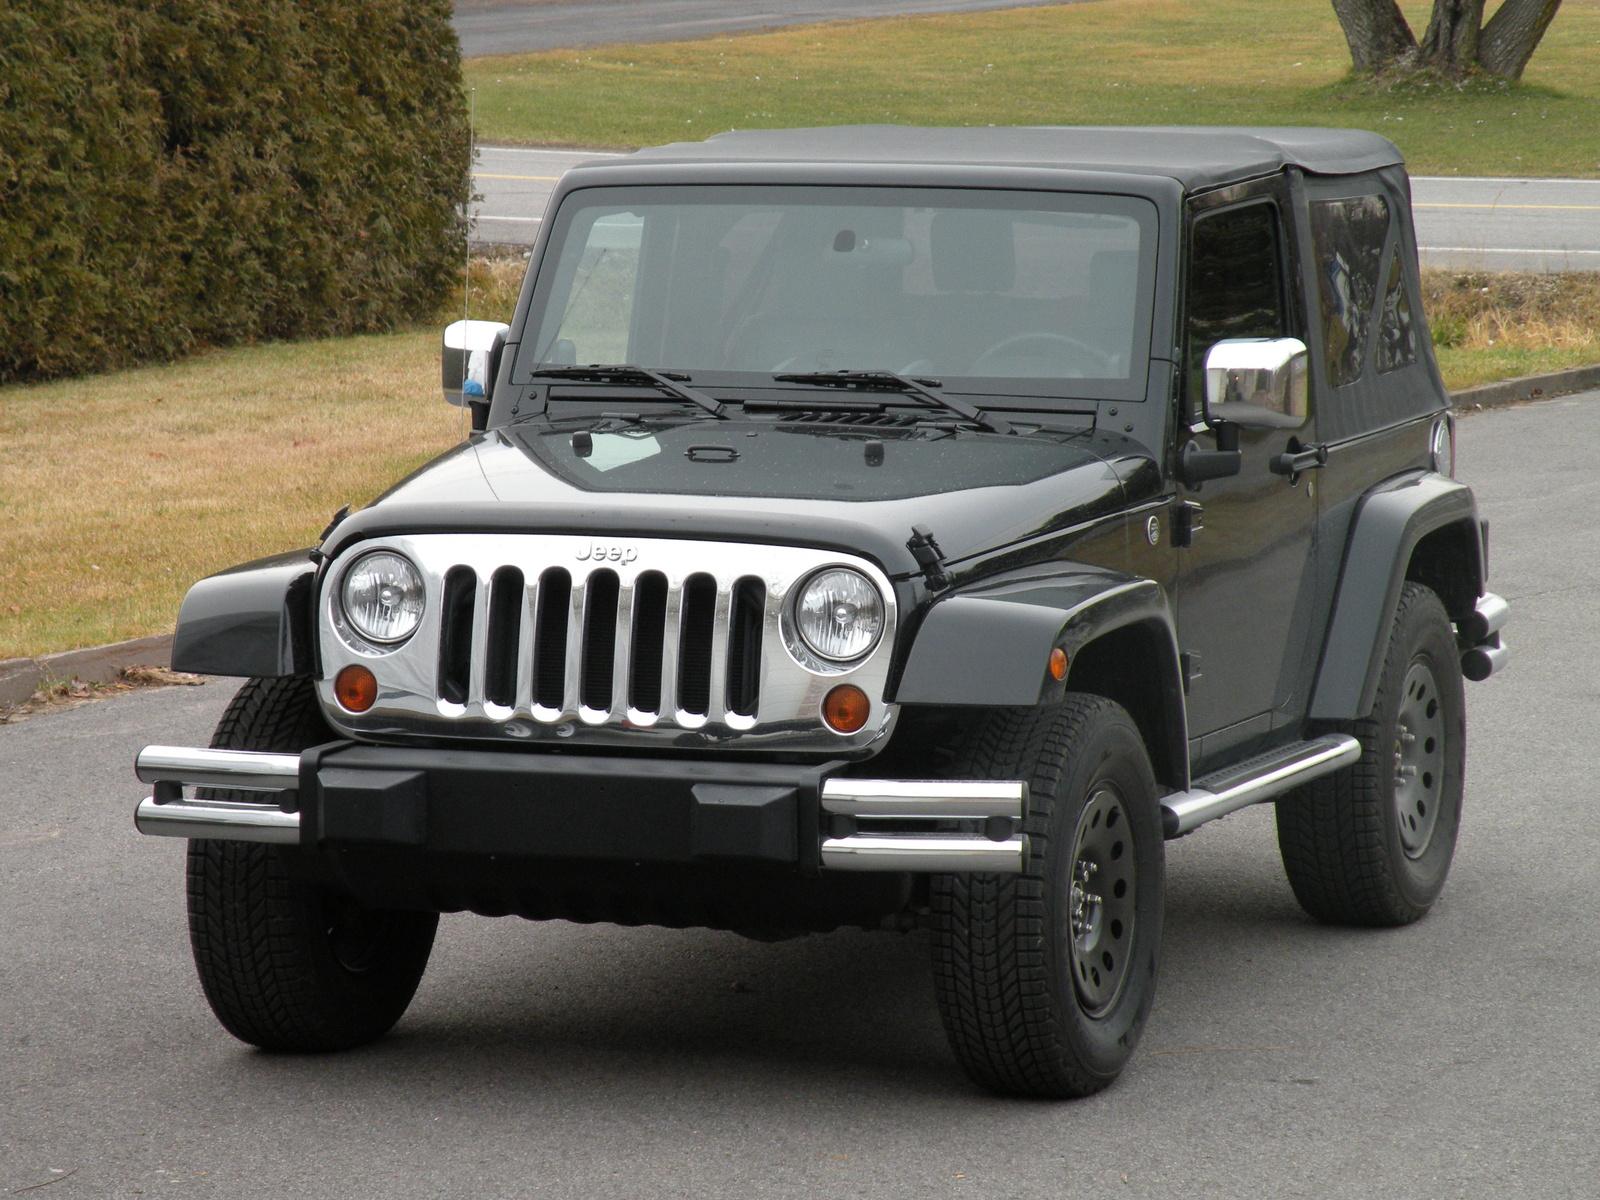 ВРФ из-за подушек безопасности отзывают 520 авто Jeep Wrangler